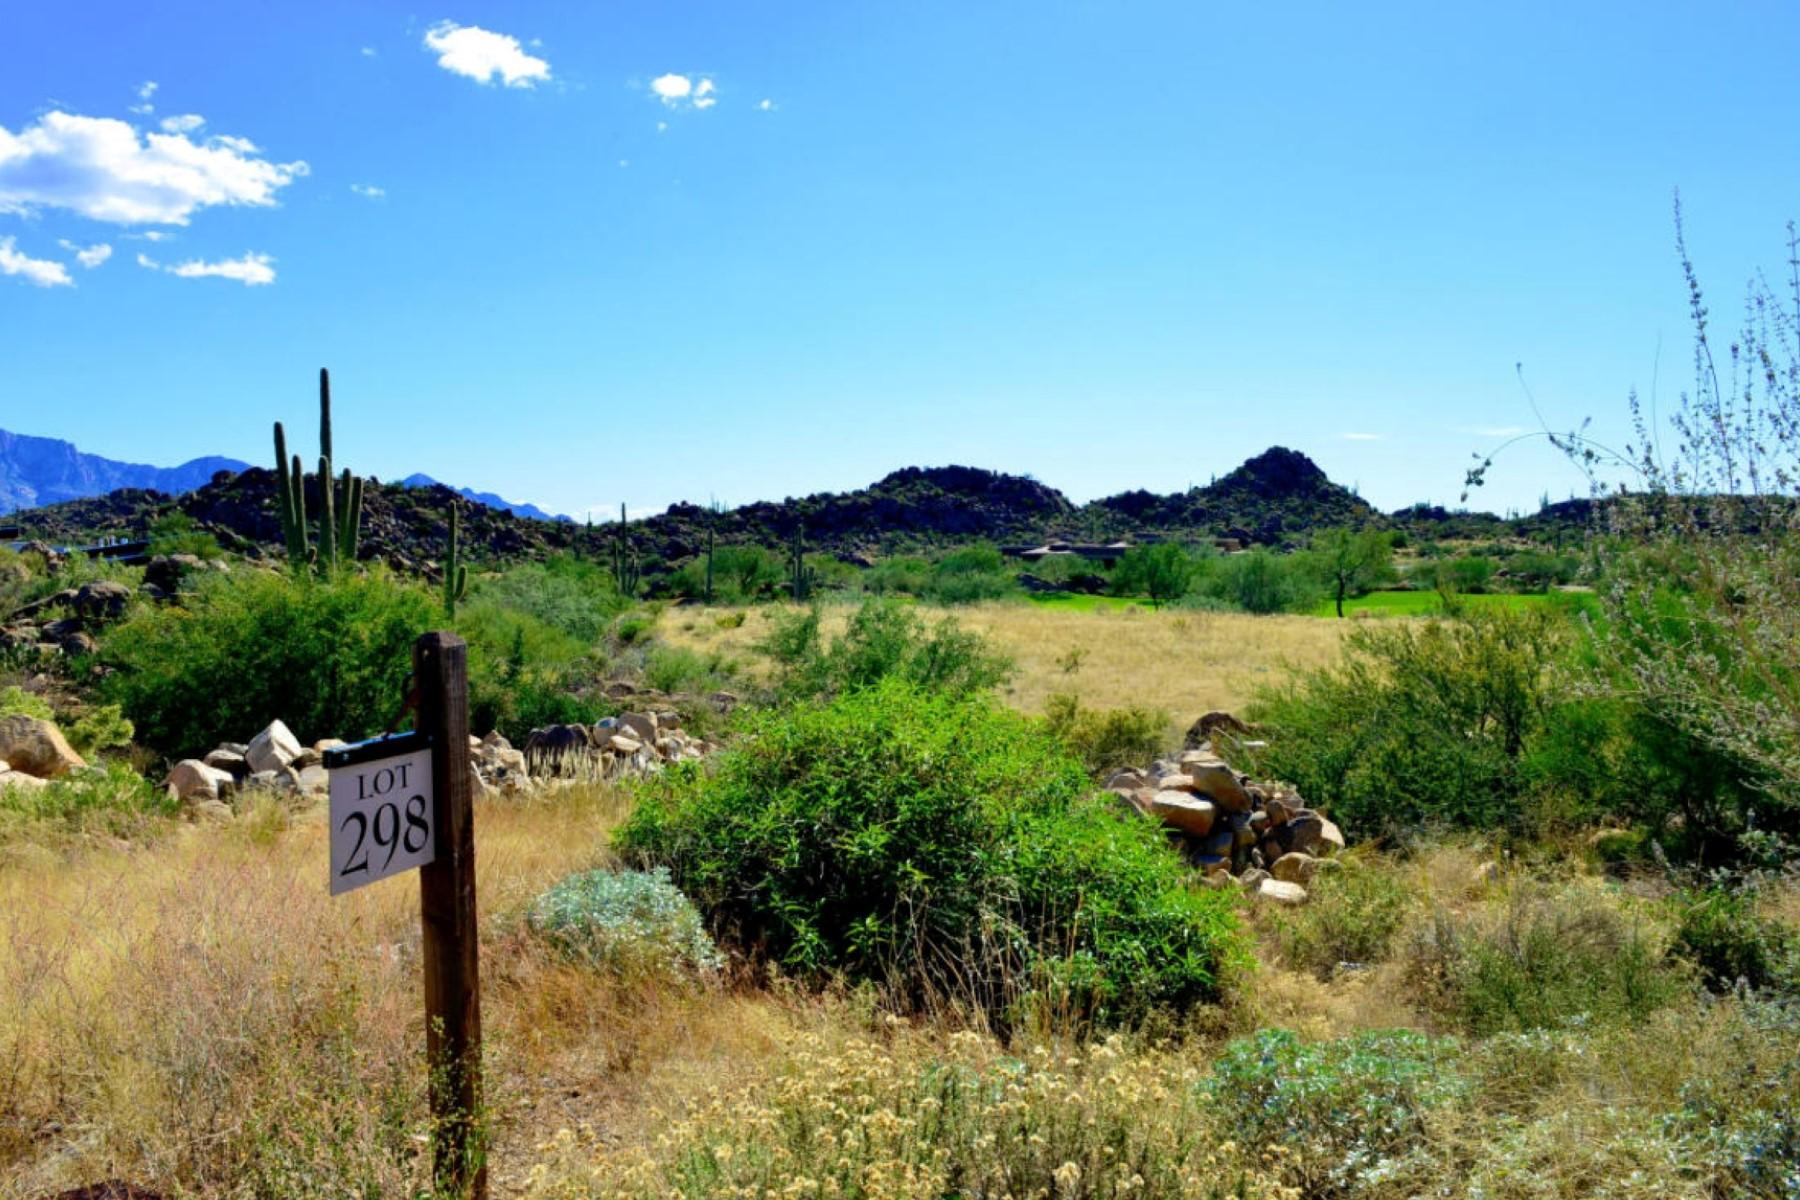 Terreno para Venda às Stunning Panoramic Views Of 7th Fairway Of Phil Mickelson's Stone Canyon Club 1460 W Tortolita Mountain Circle #298 Oro Valley, Arizona 85755 Estados Unidos